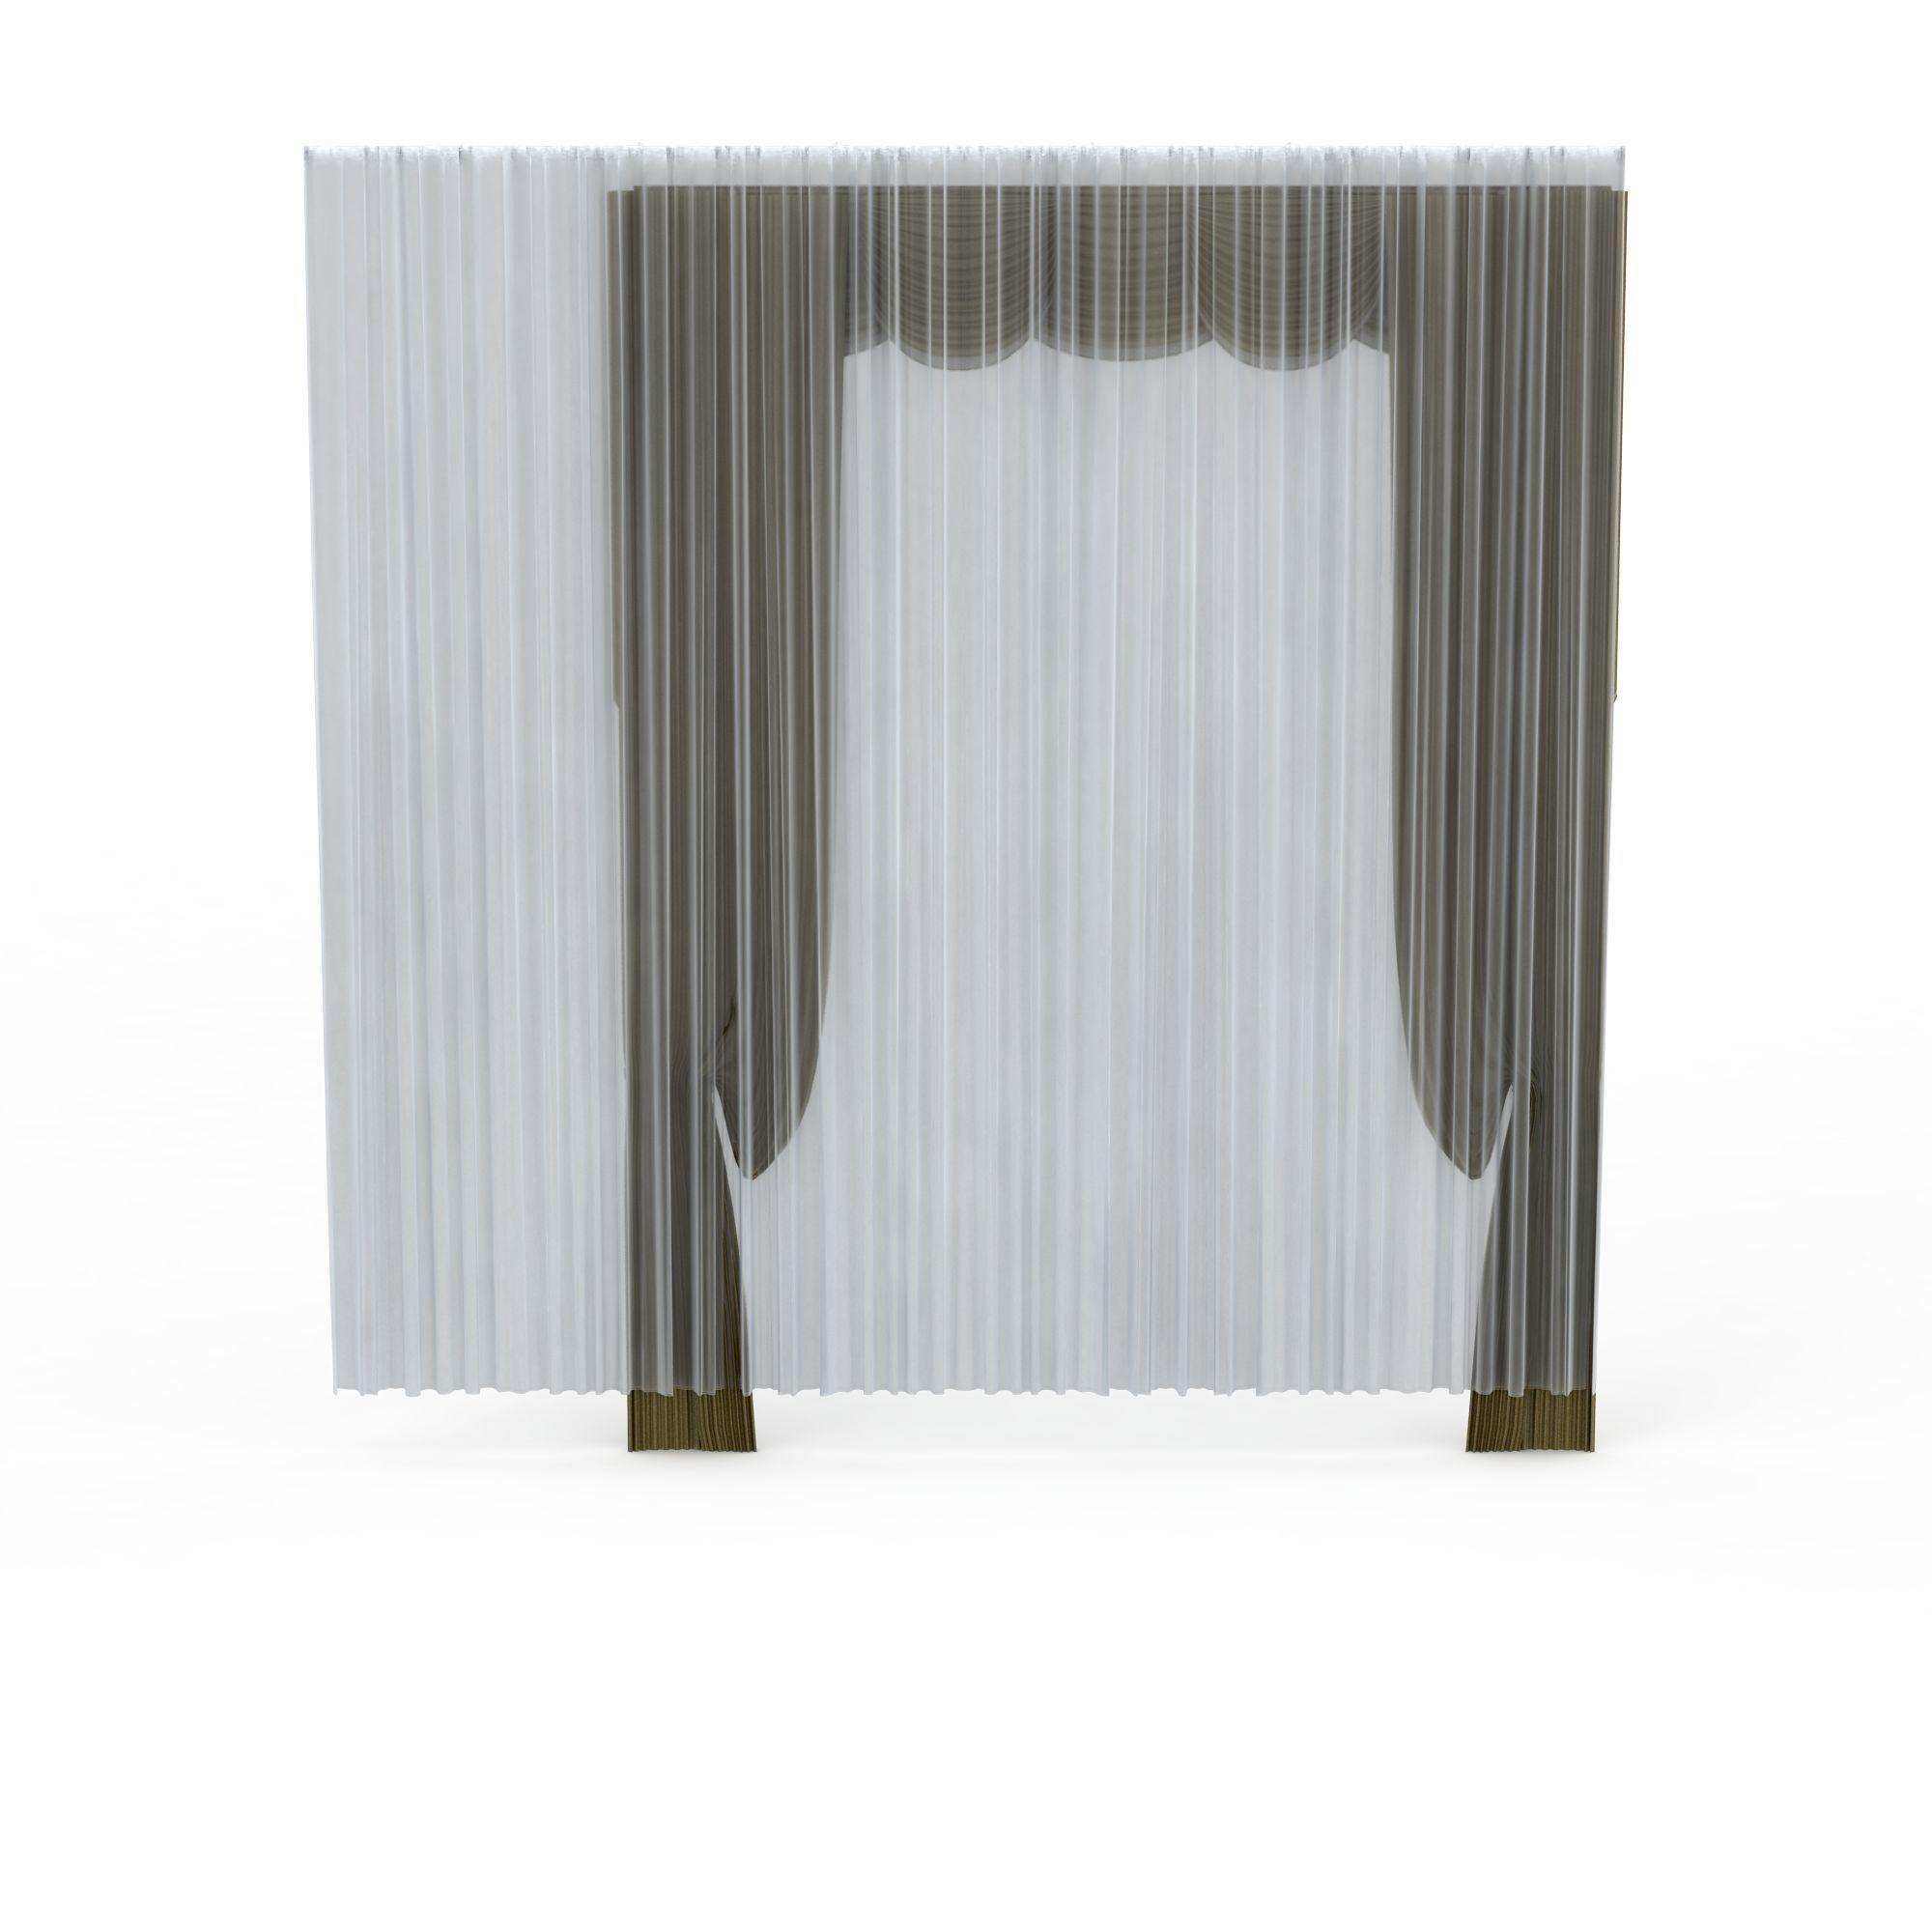 客厅窗帘图片_客厅窗帘png图片素材_客厅窗帘png高清